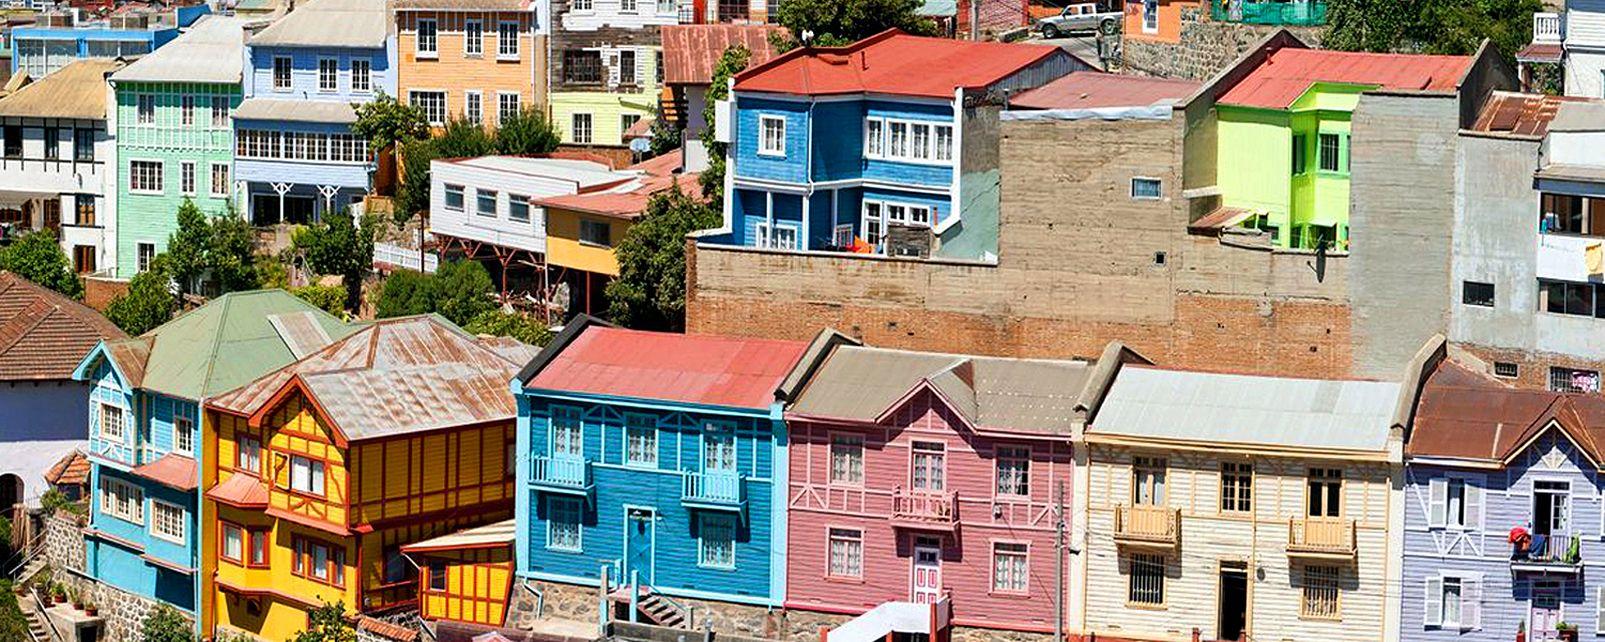 Les maisons colorées de Valparaiso , Chili